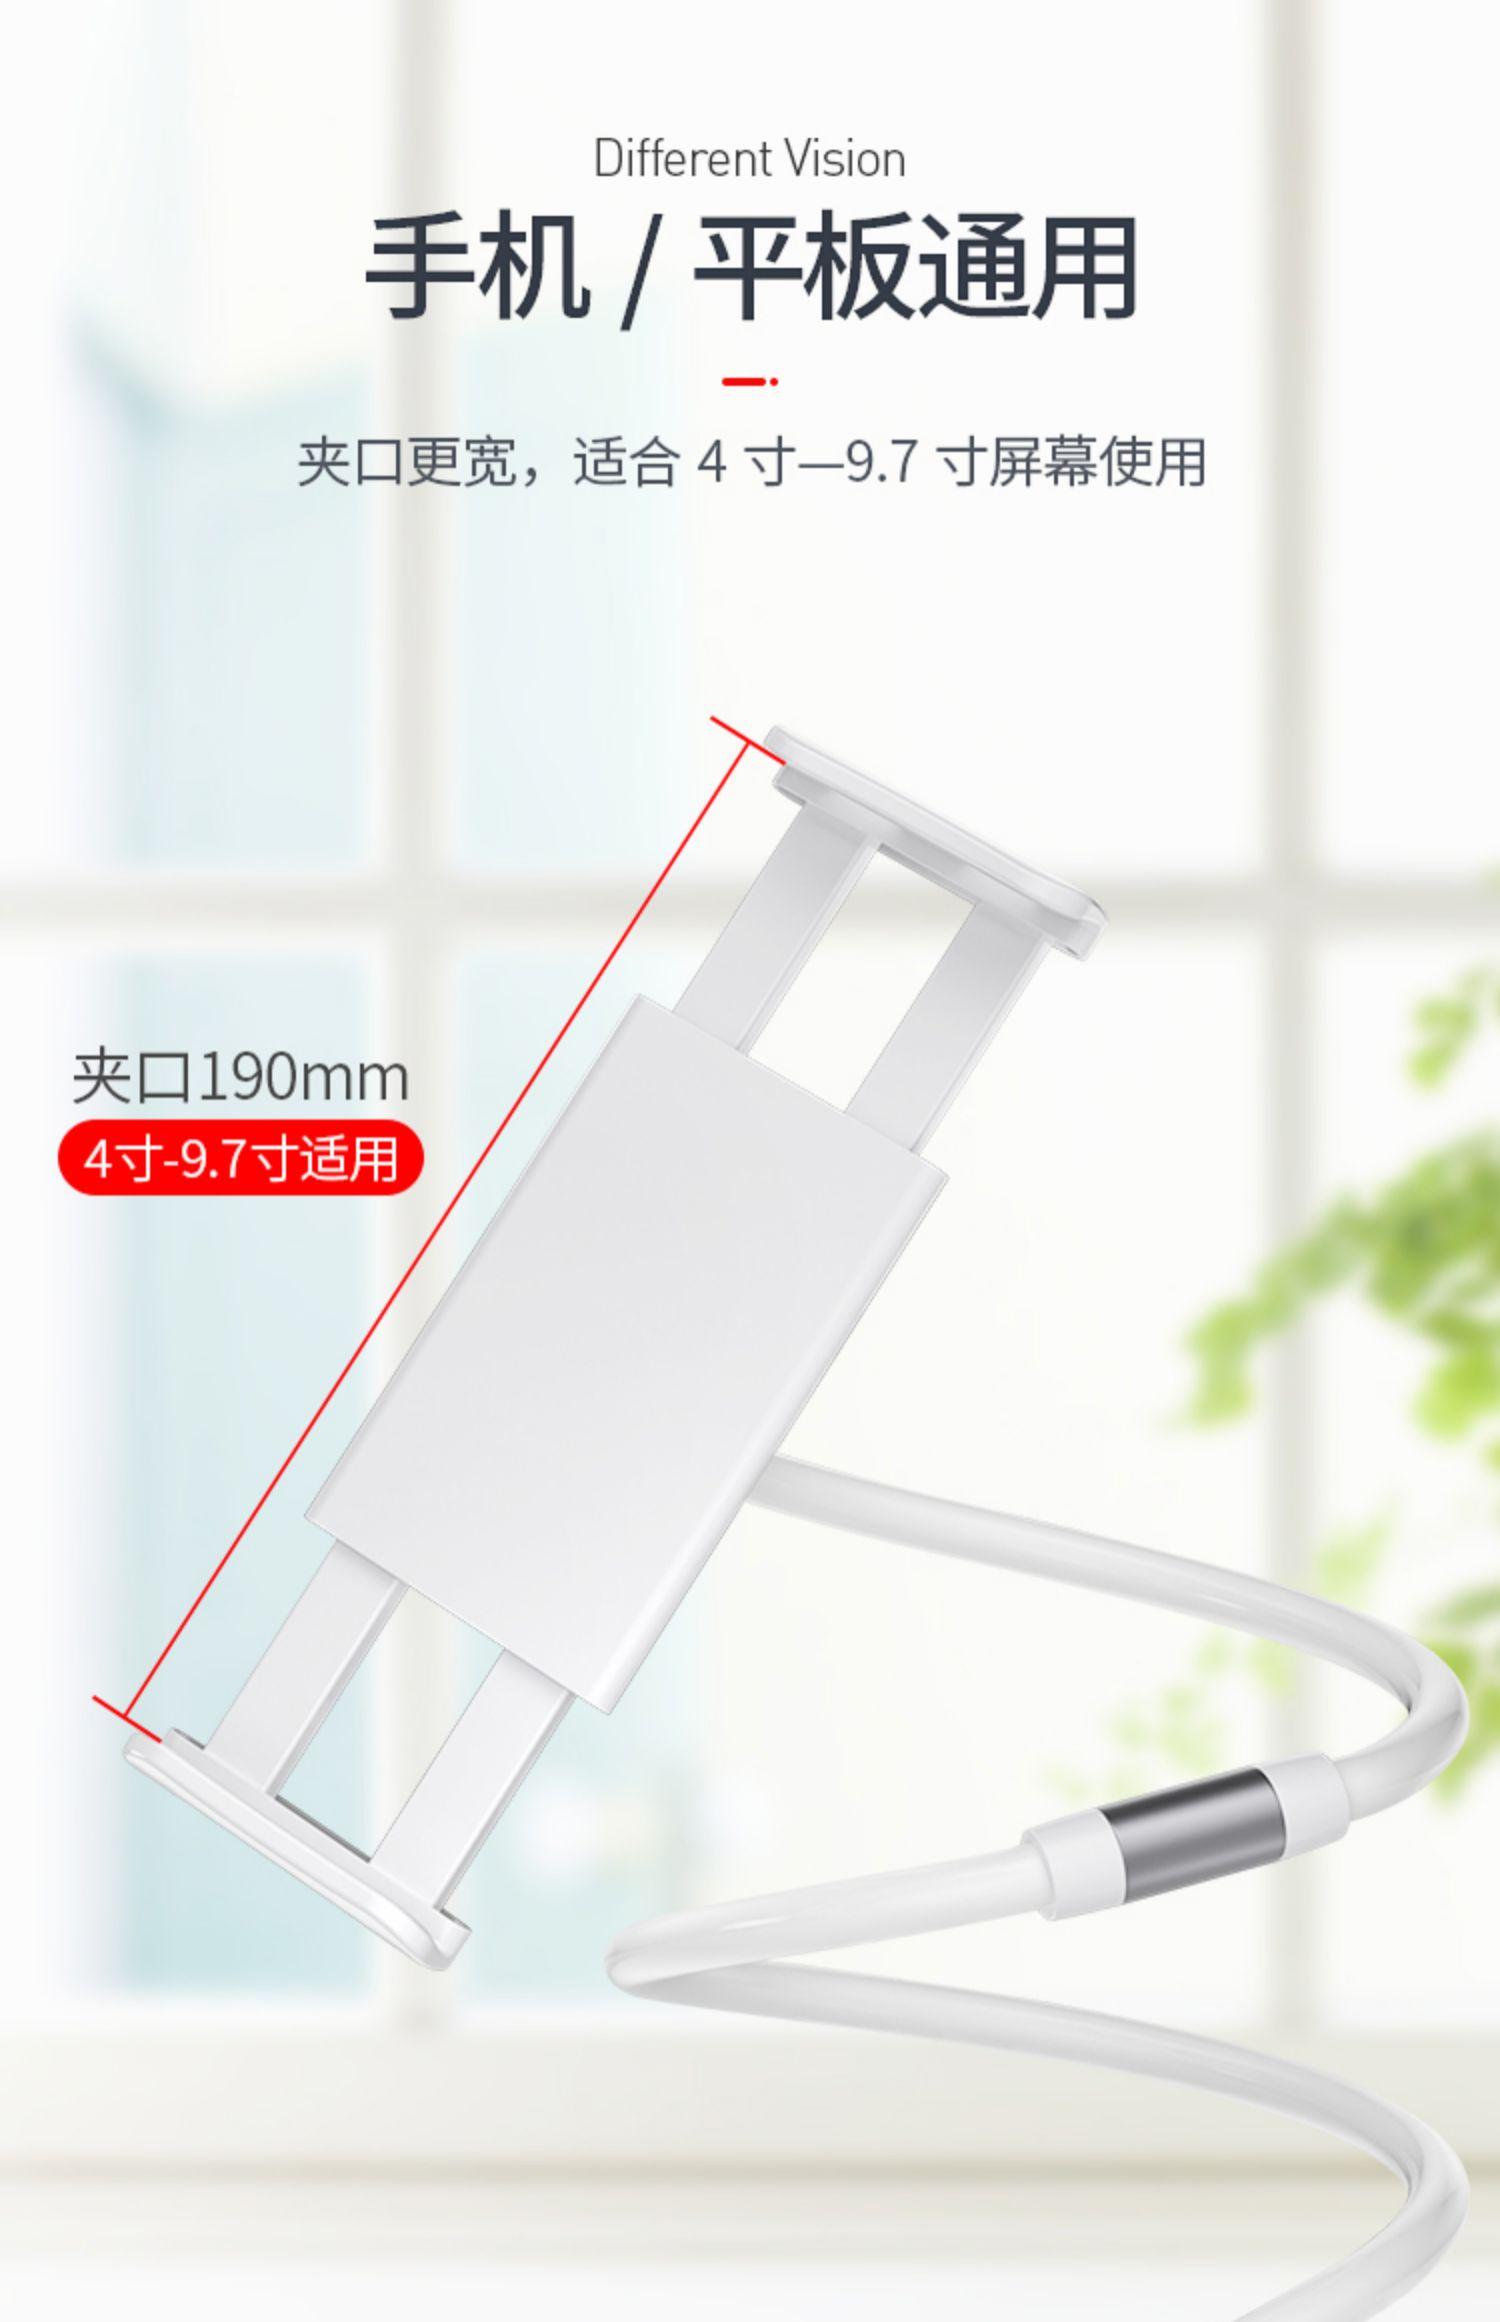 懒人手机支架iPad平板电脑架床头床上用万能桌面通用pad支撑夹子主播直播多功能拍摄神器俯拍抖音可调节升降商品详情图